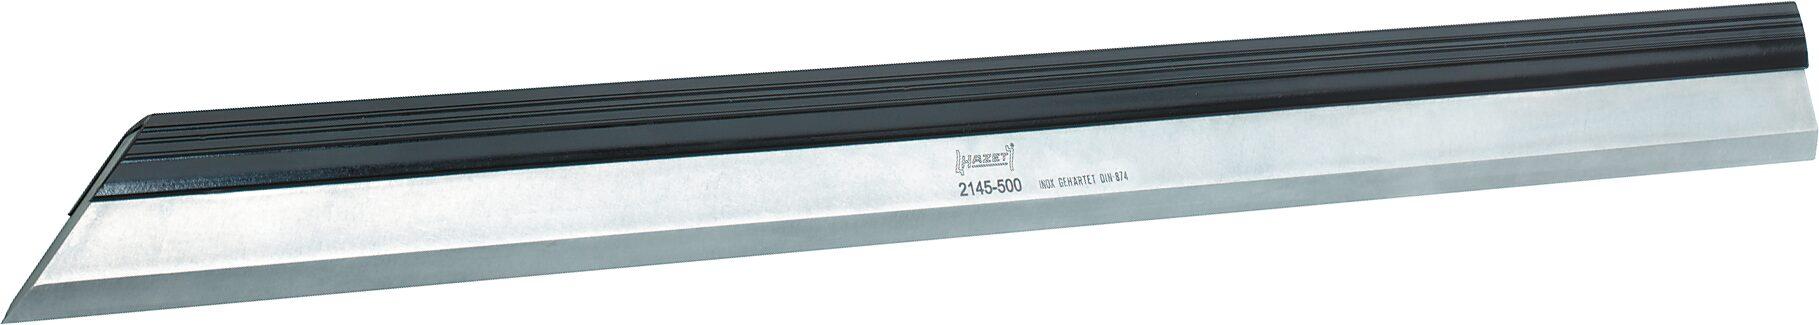 HAZET Präzisions Haarlineal 2145-500